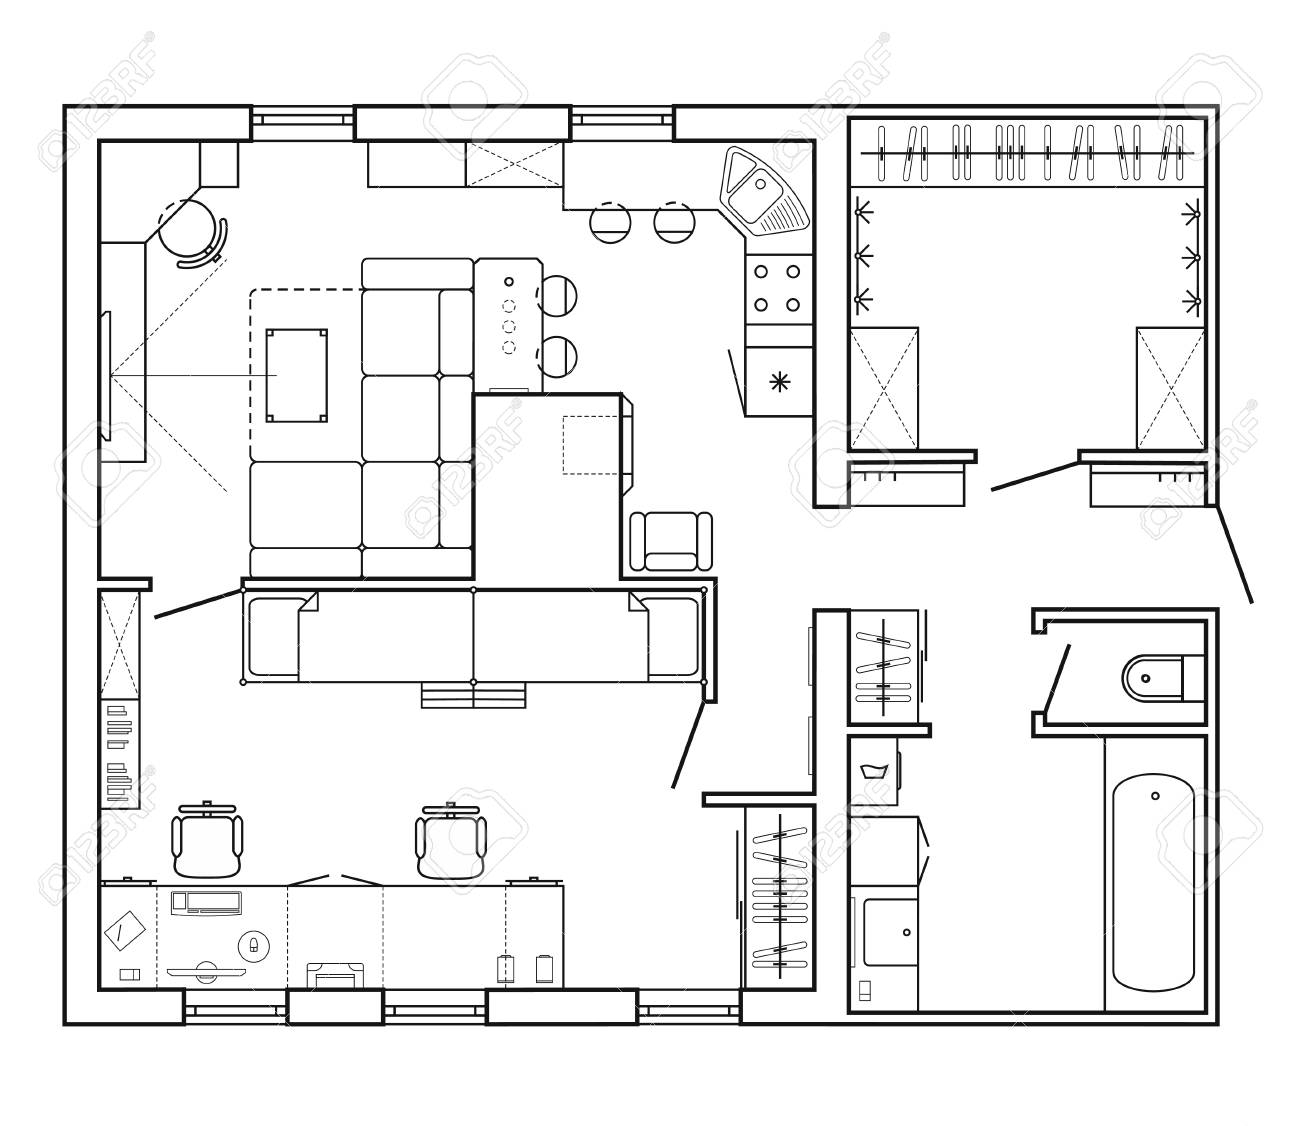 Architektonischer Plan Eines Hauses Layout Der Wohnung Mit Den Mobeln In Zeichnung